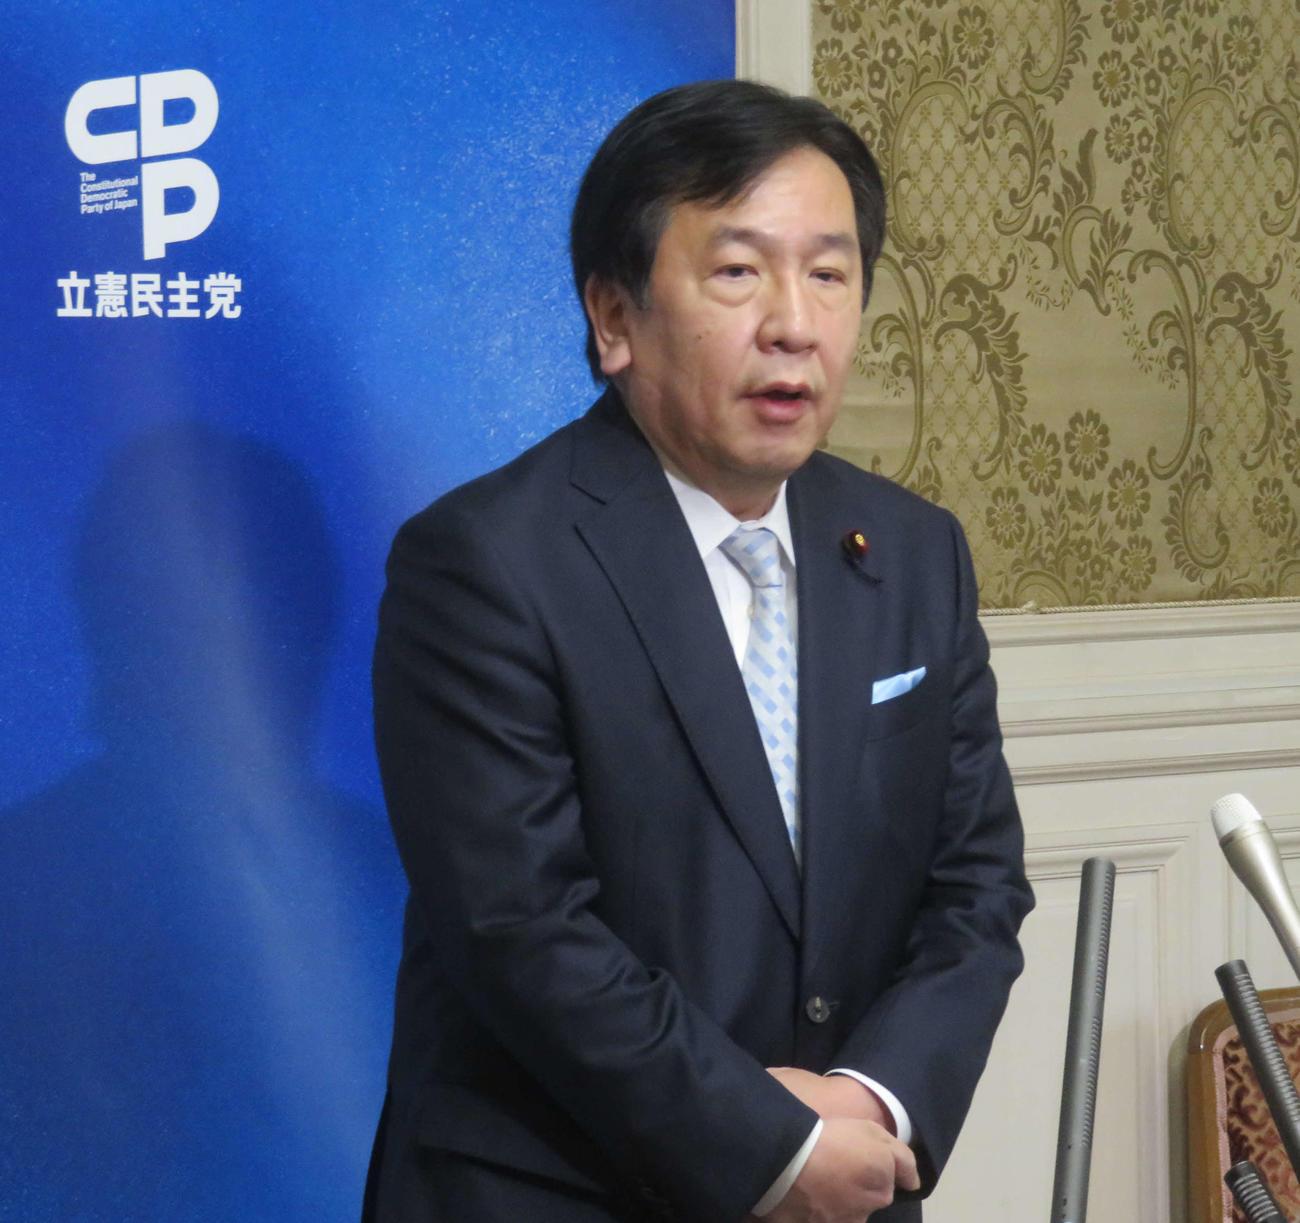 立憲民主党の枝野幸男代表は衆院予算委員会直後の会見で菅義偉首相の答弁を批判した(撮影・大上悟)